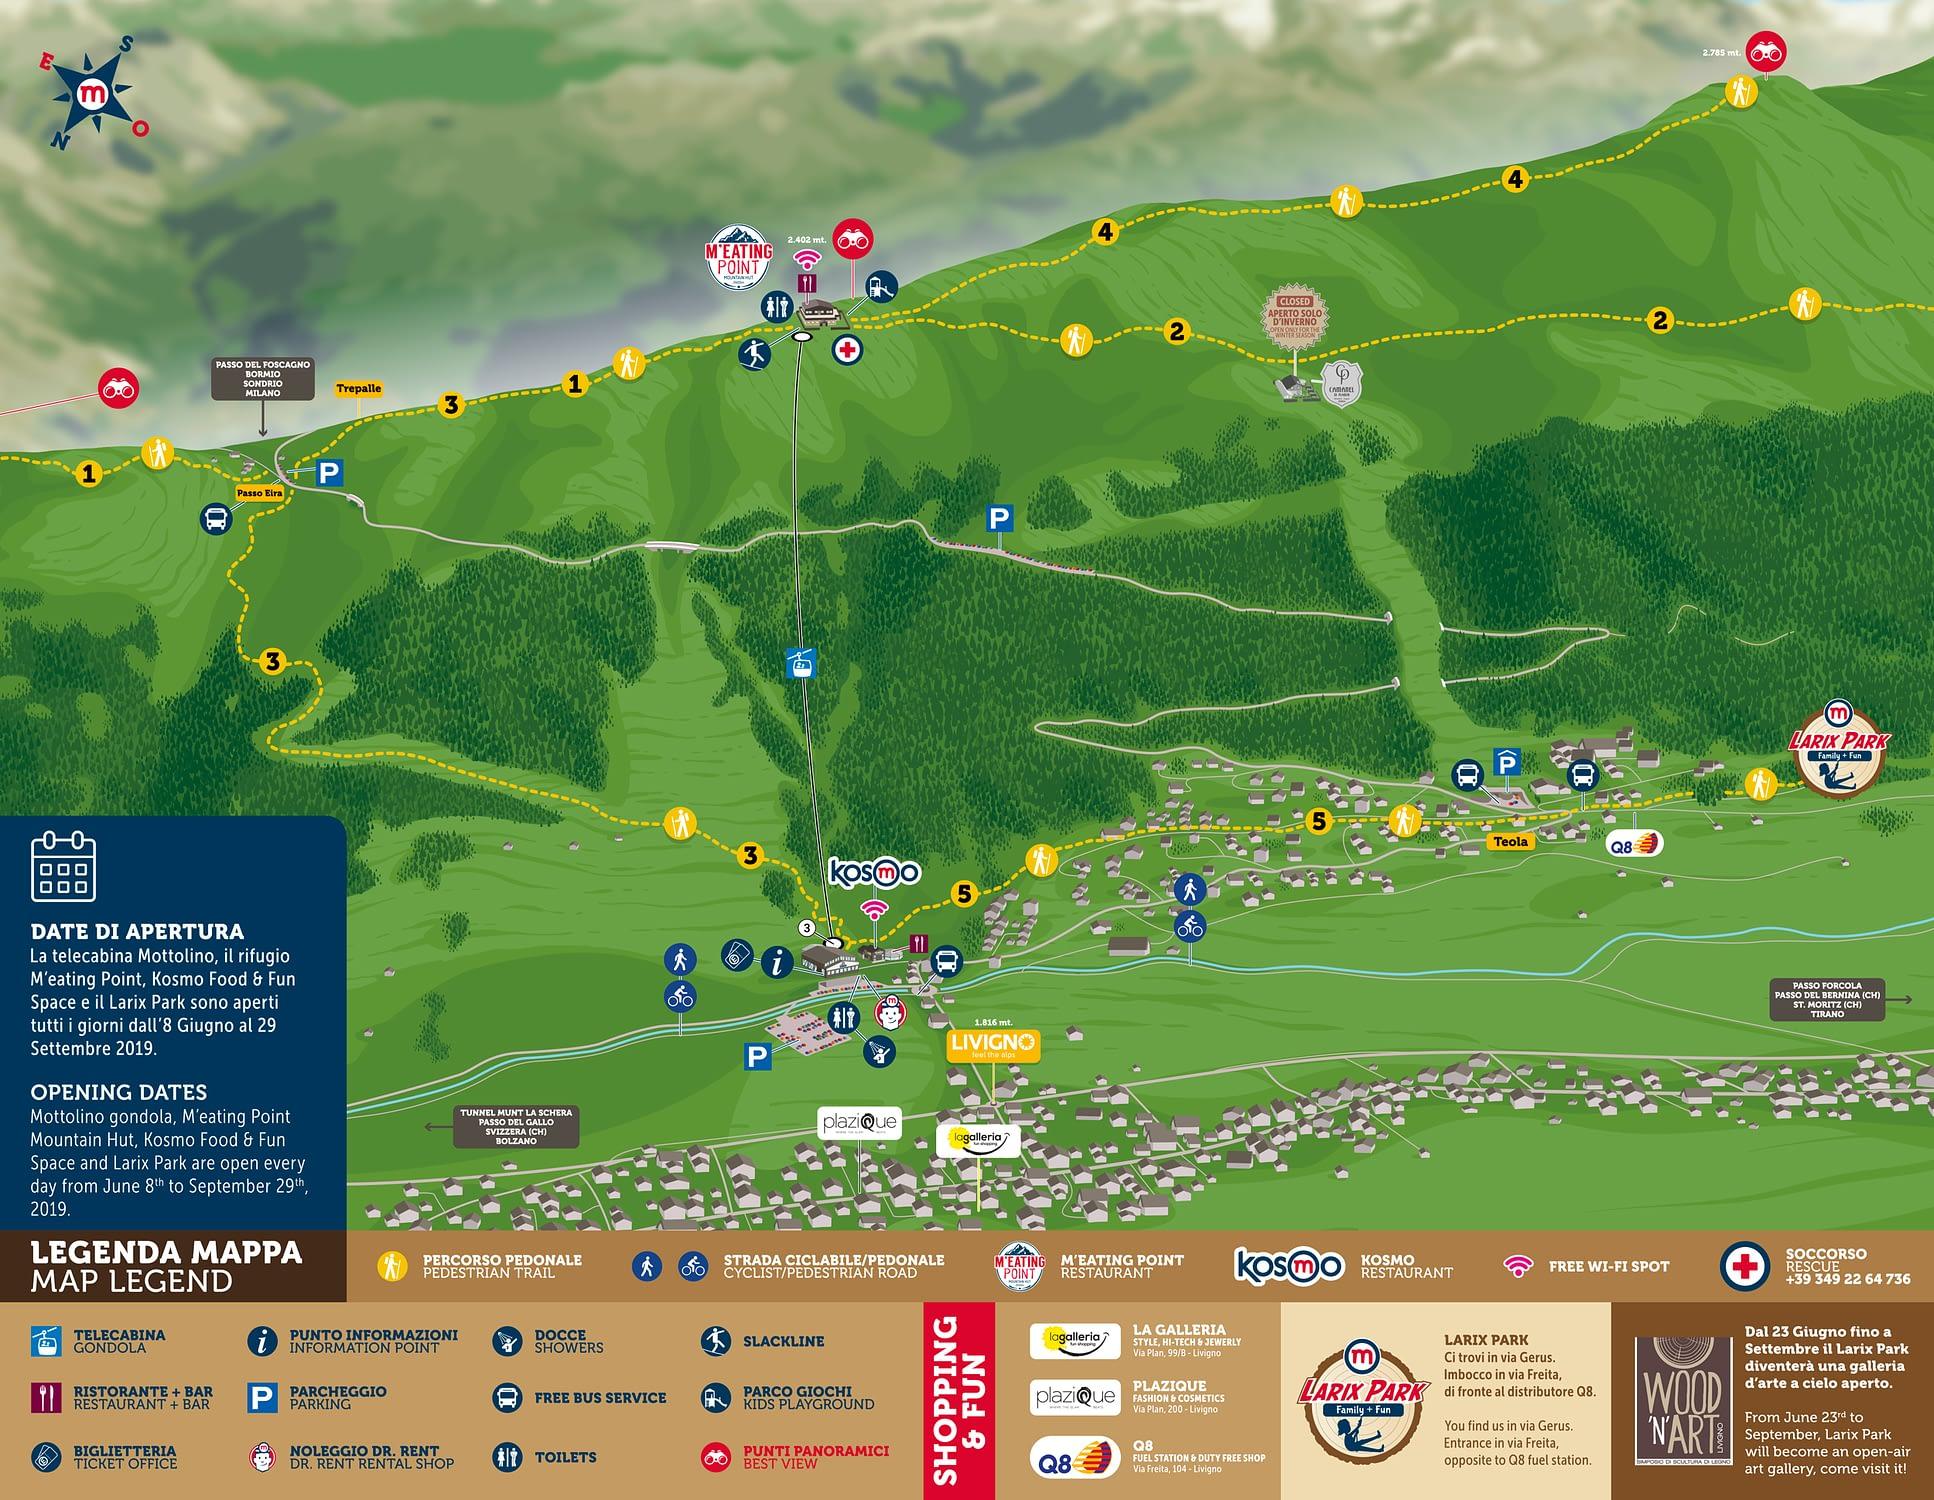 Mappa dei sentieri per i pedoni in alta quota del versante Mottolino